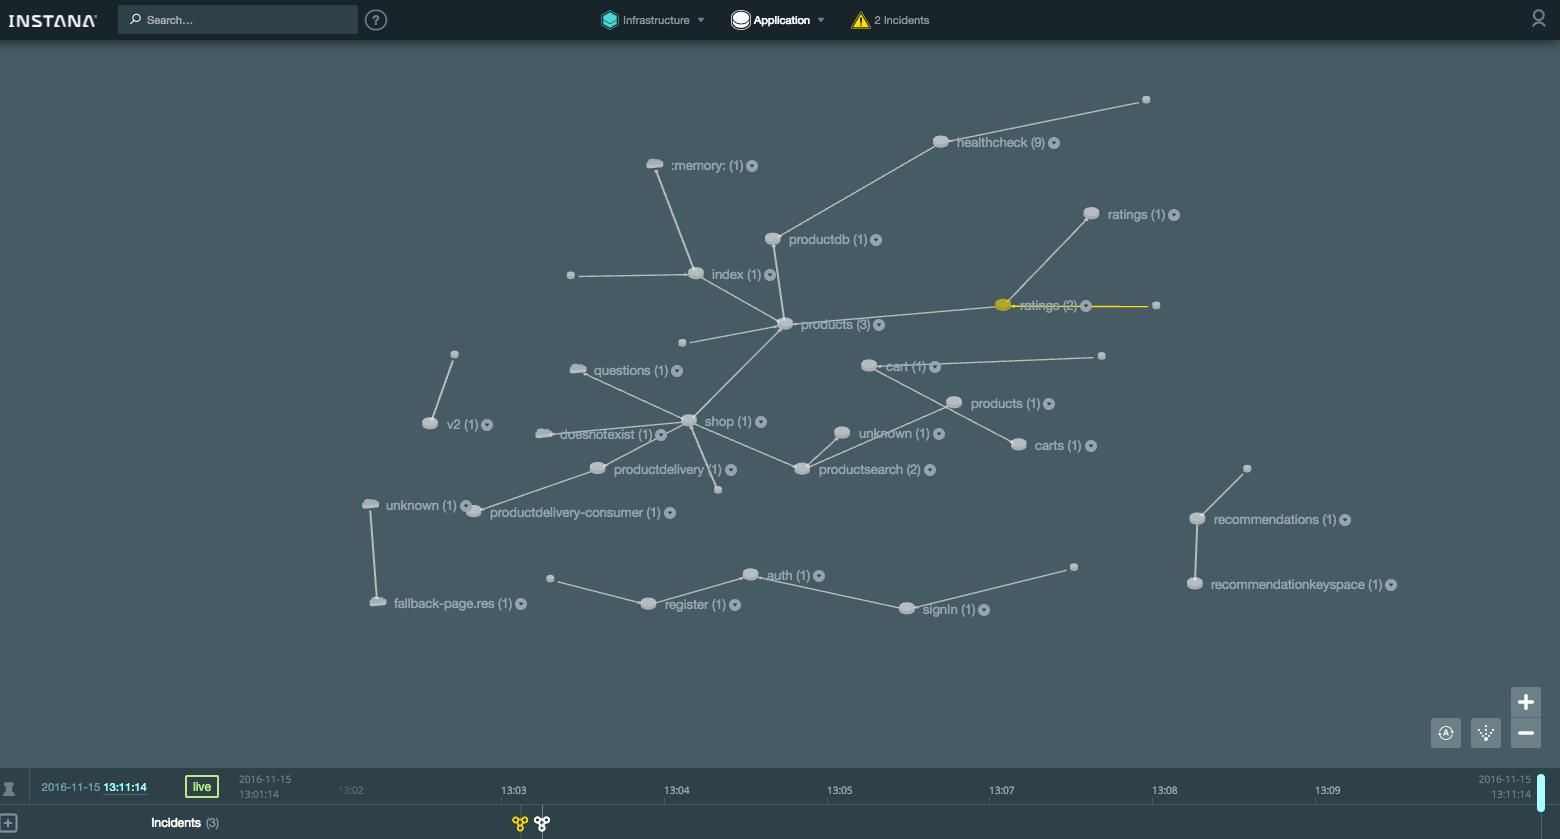 Обзор системы мониторинга приложений Instana - 8